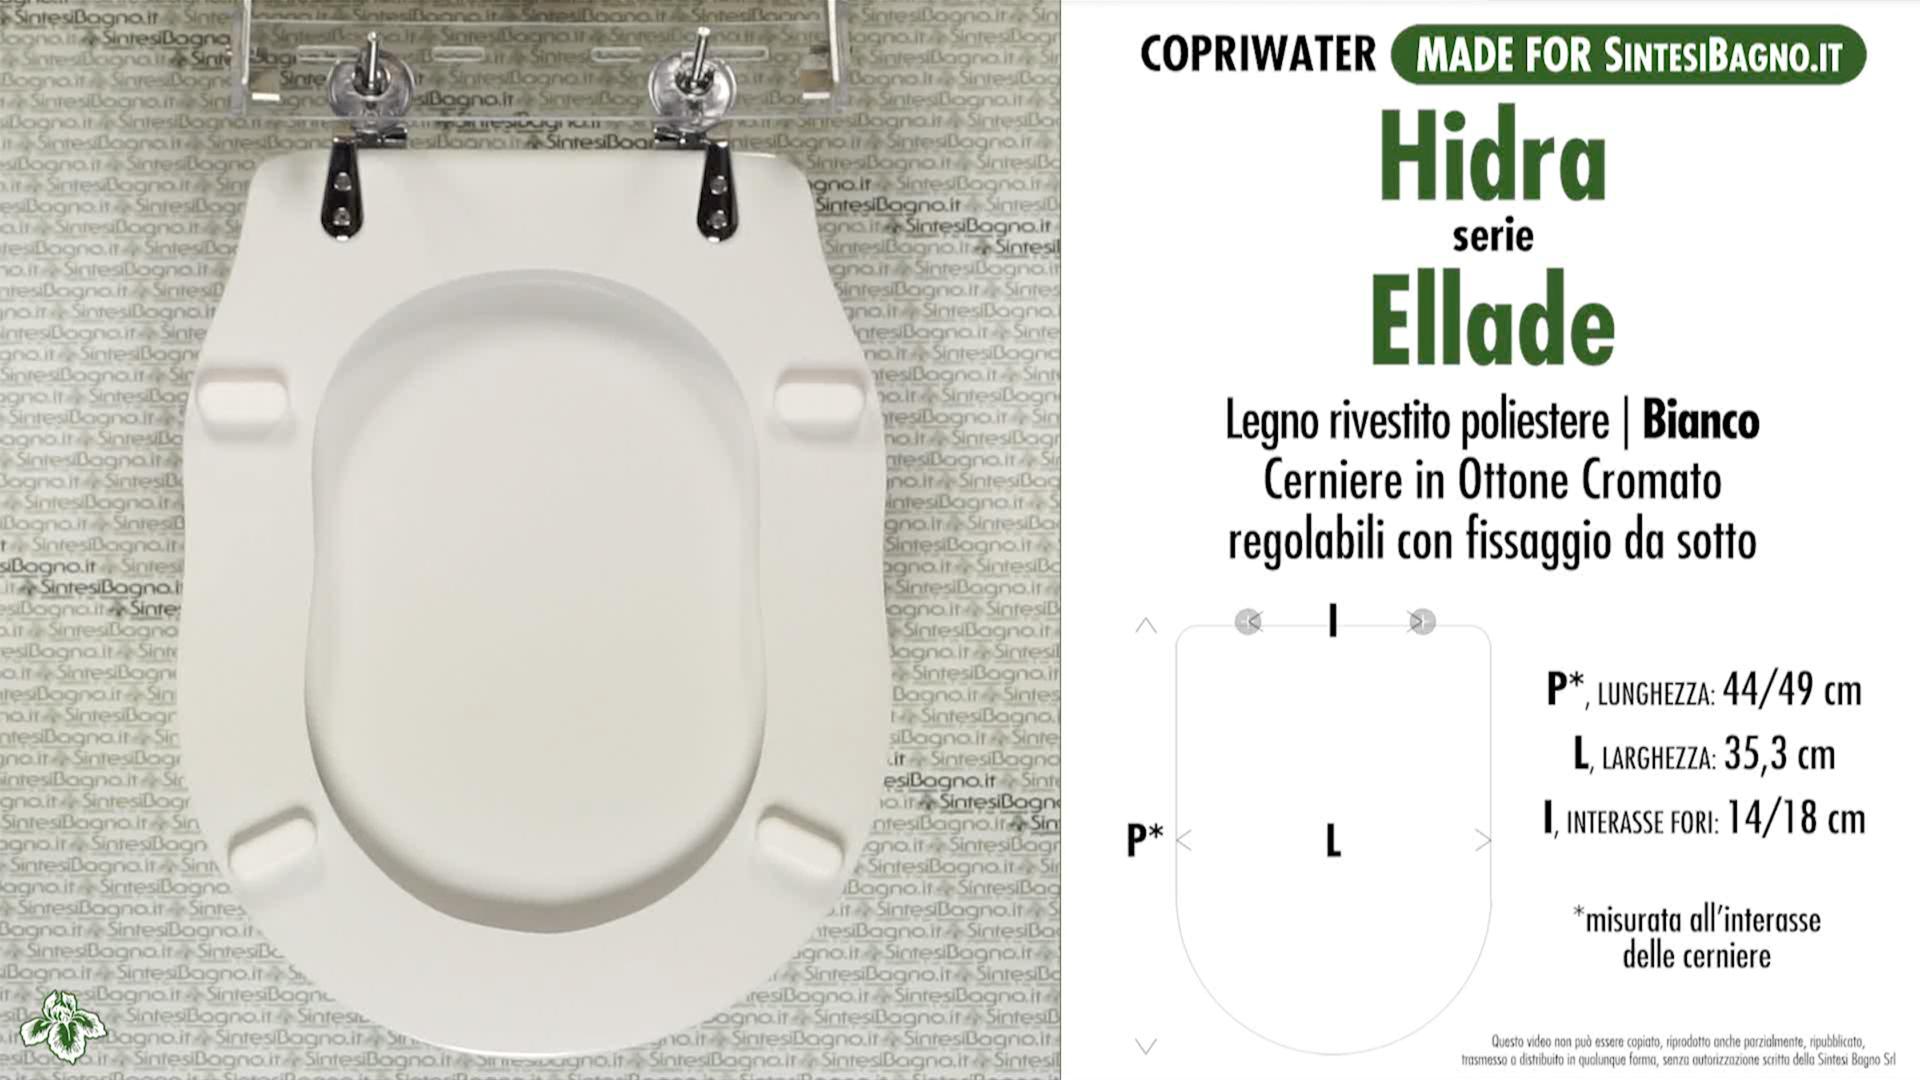 SCHEDA TECNICA MISURE copriwater HIDRA ELLADE